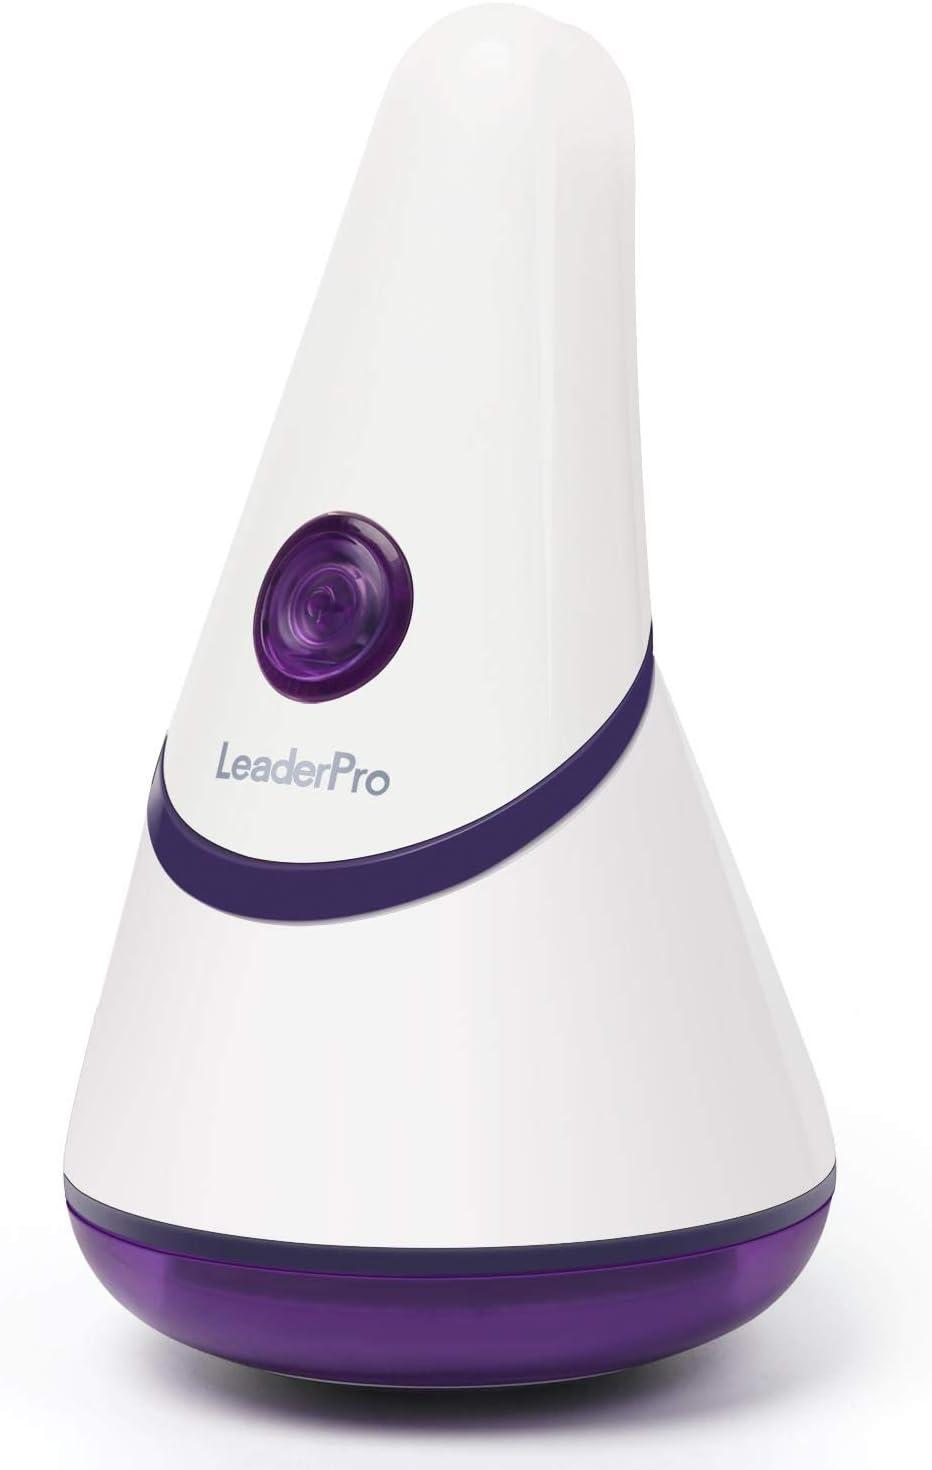 LeaderPro Quitapelusas Eléctrico Ideal para Quitar Pelusa y Bolitas, con batería Recargable por USB, Mango Giratorio ...